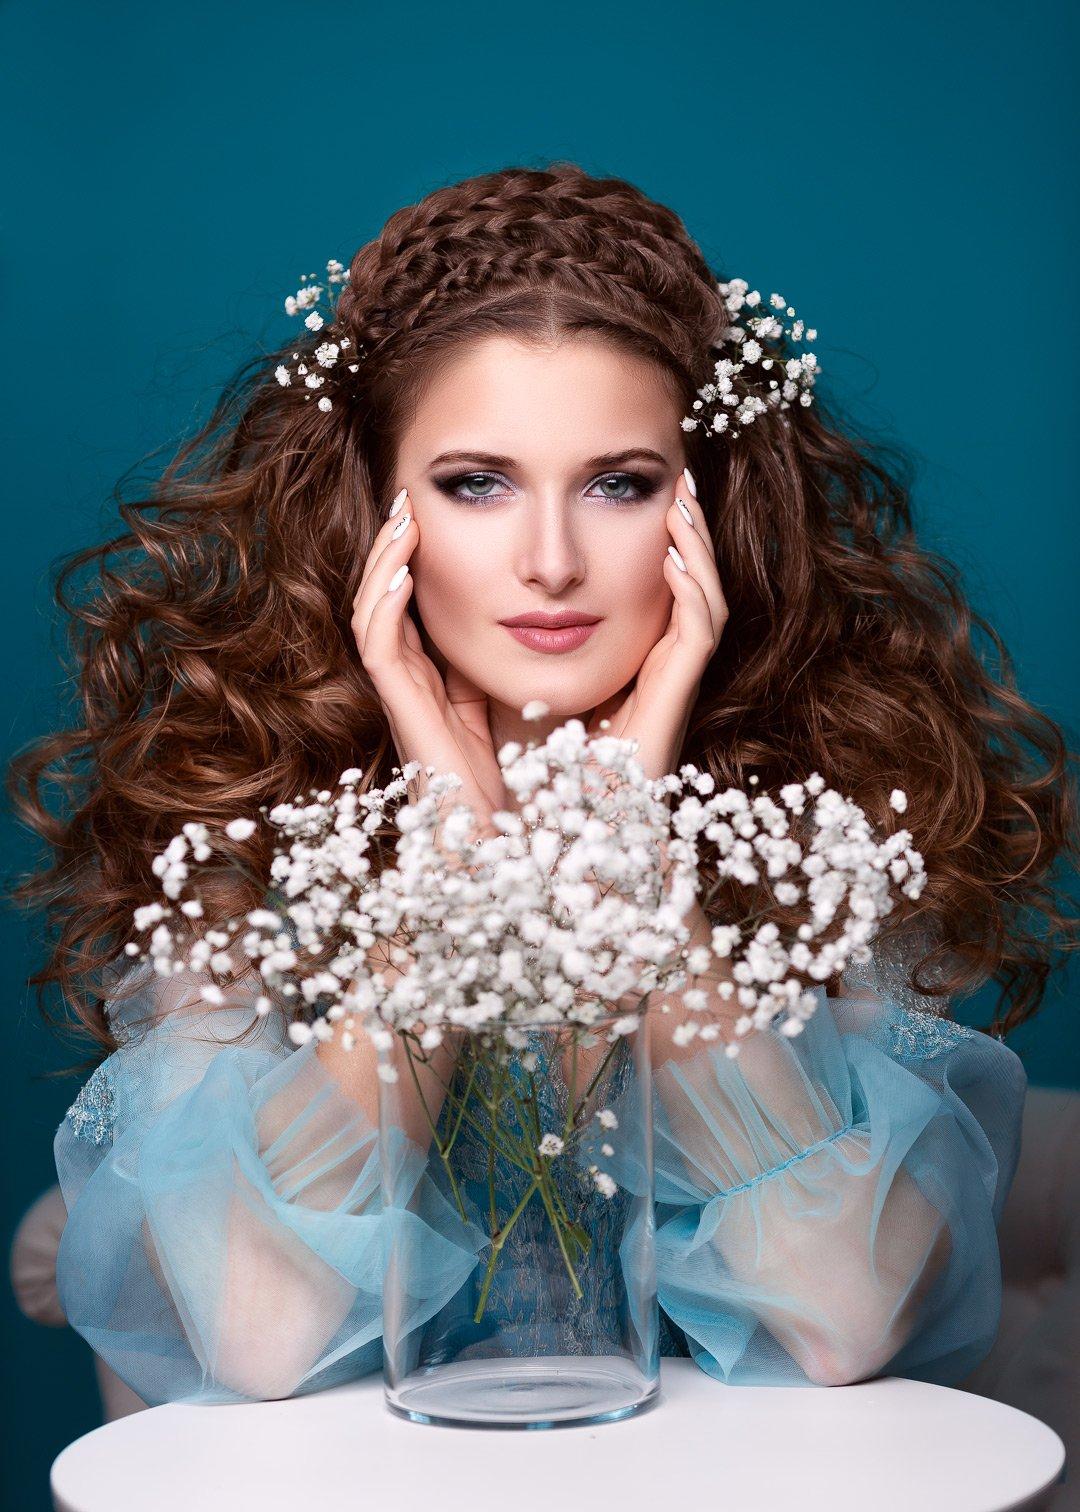 портрет, цвет, бирюзовый, цветы, украшения, красивая девушка,, Марина Кондратова